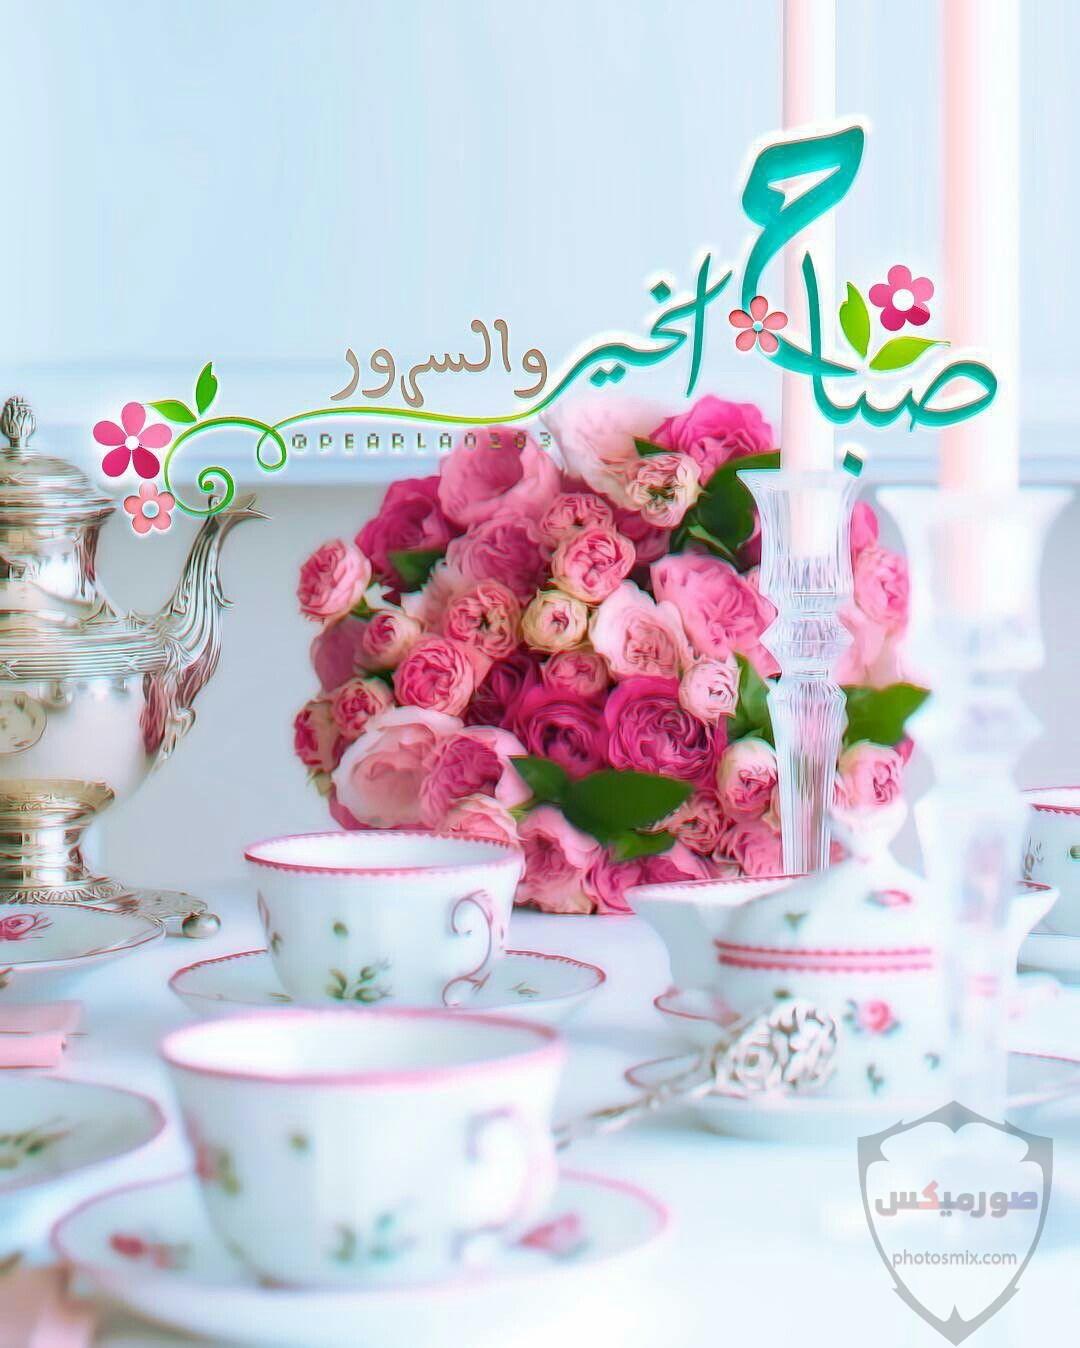 صور صباح الخير رومانسيه جديدة وجميلة أحلي صباح 11